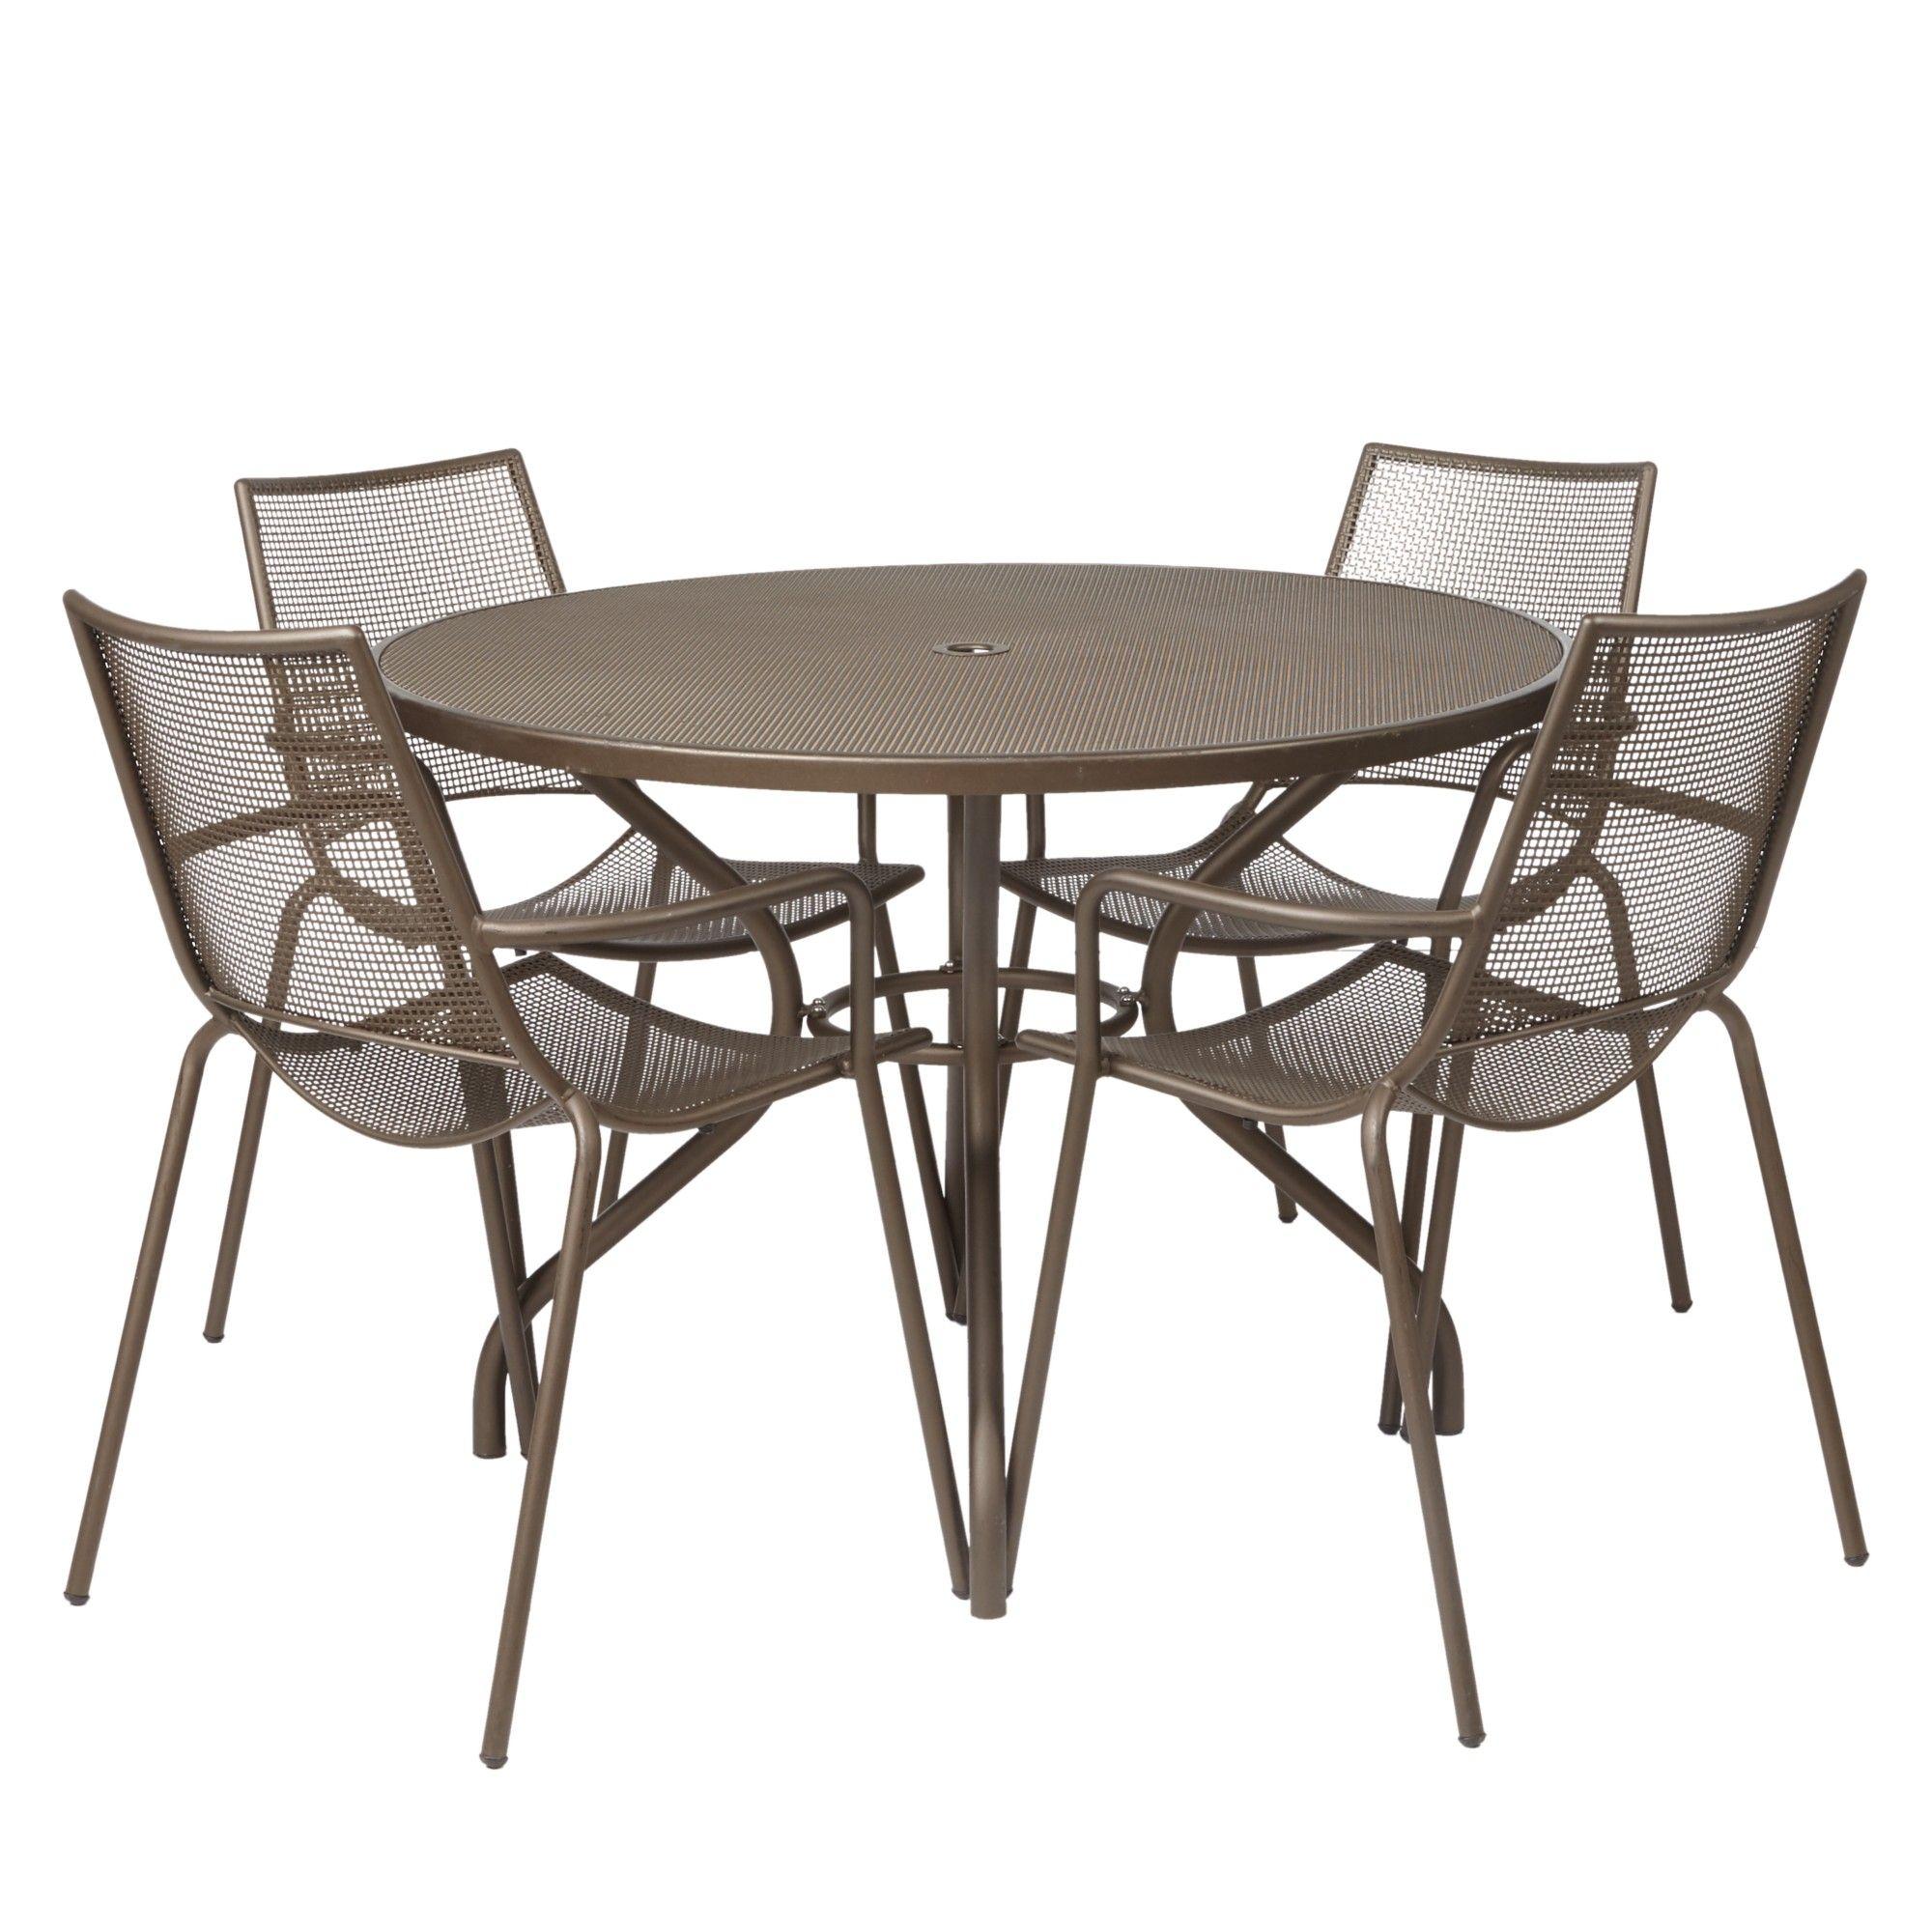 John Lewis & Partners Ala Mesh 4-Seater Garden Dining ...